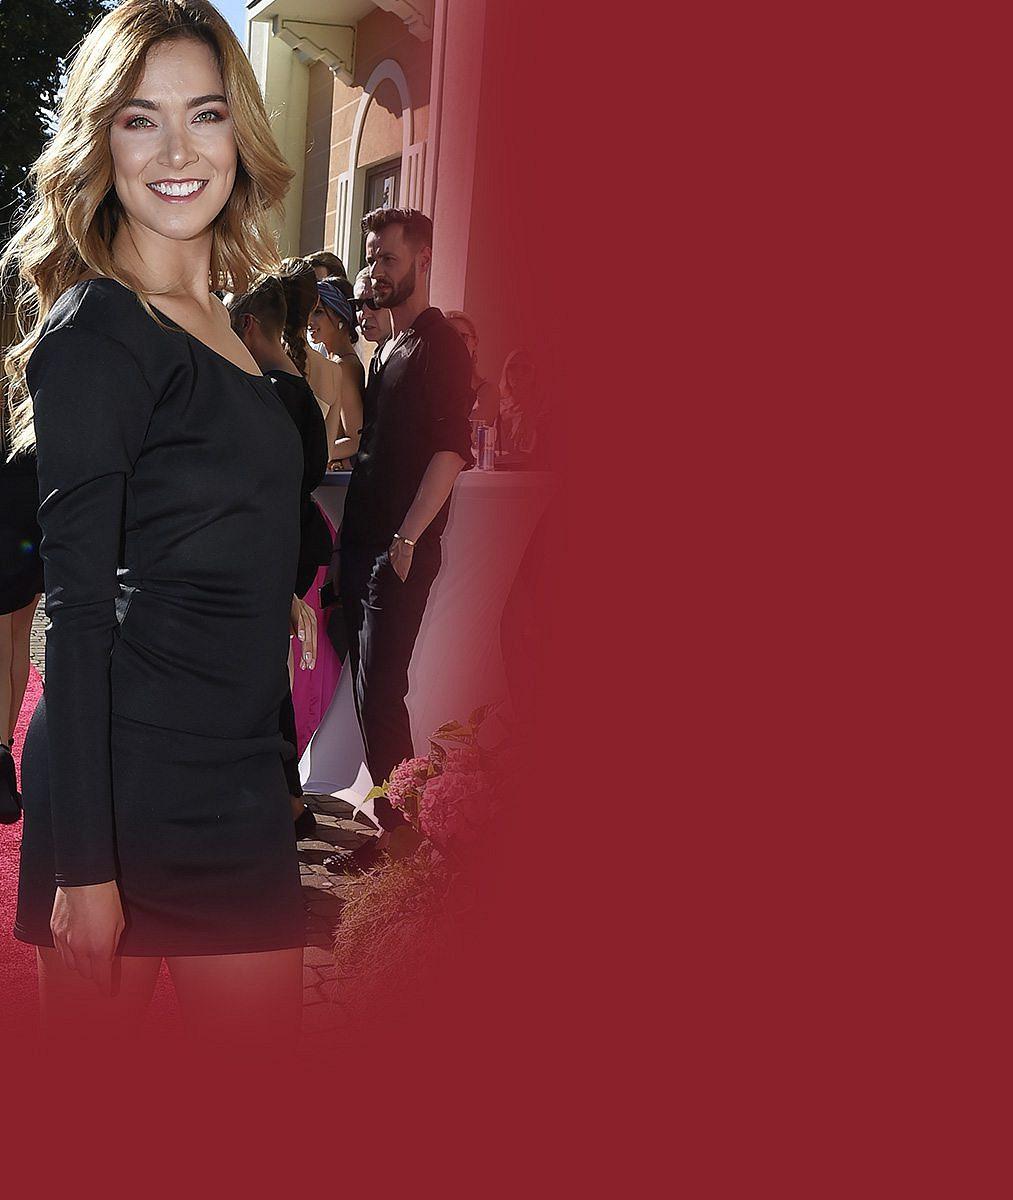 Další vztah jí nevyšel: Krásná miss Bezděková je sama. Pánové, máte šanci!